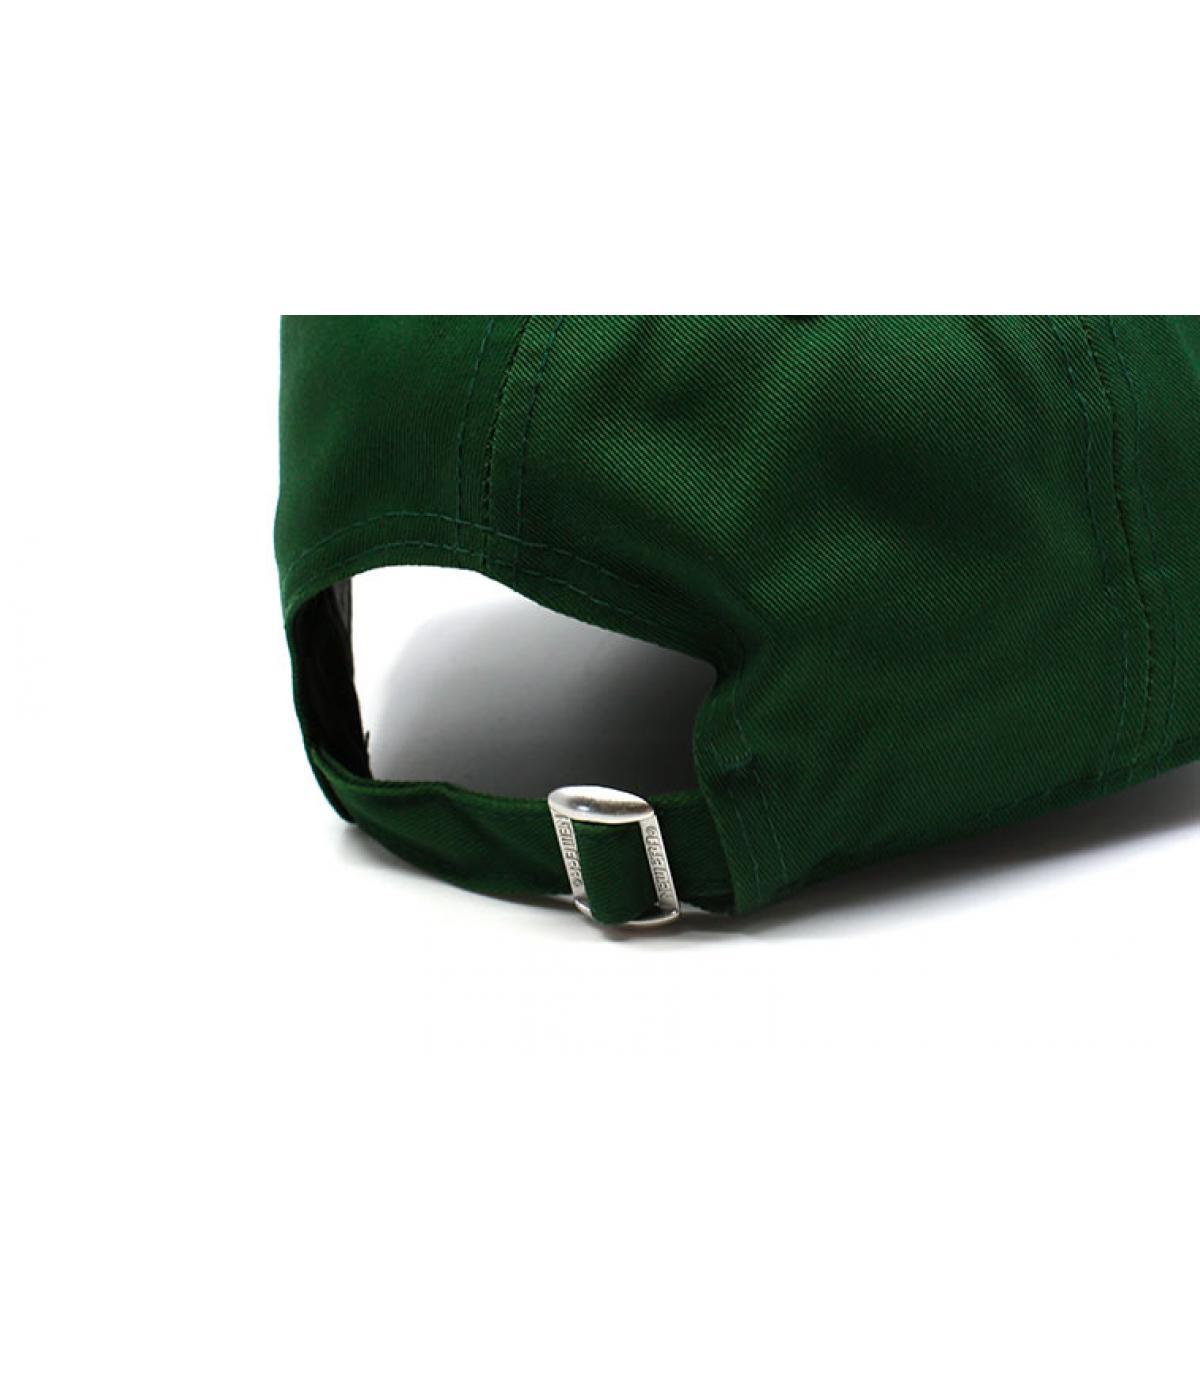 Détails Casquette Enfant League Ess NY green black - image 5